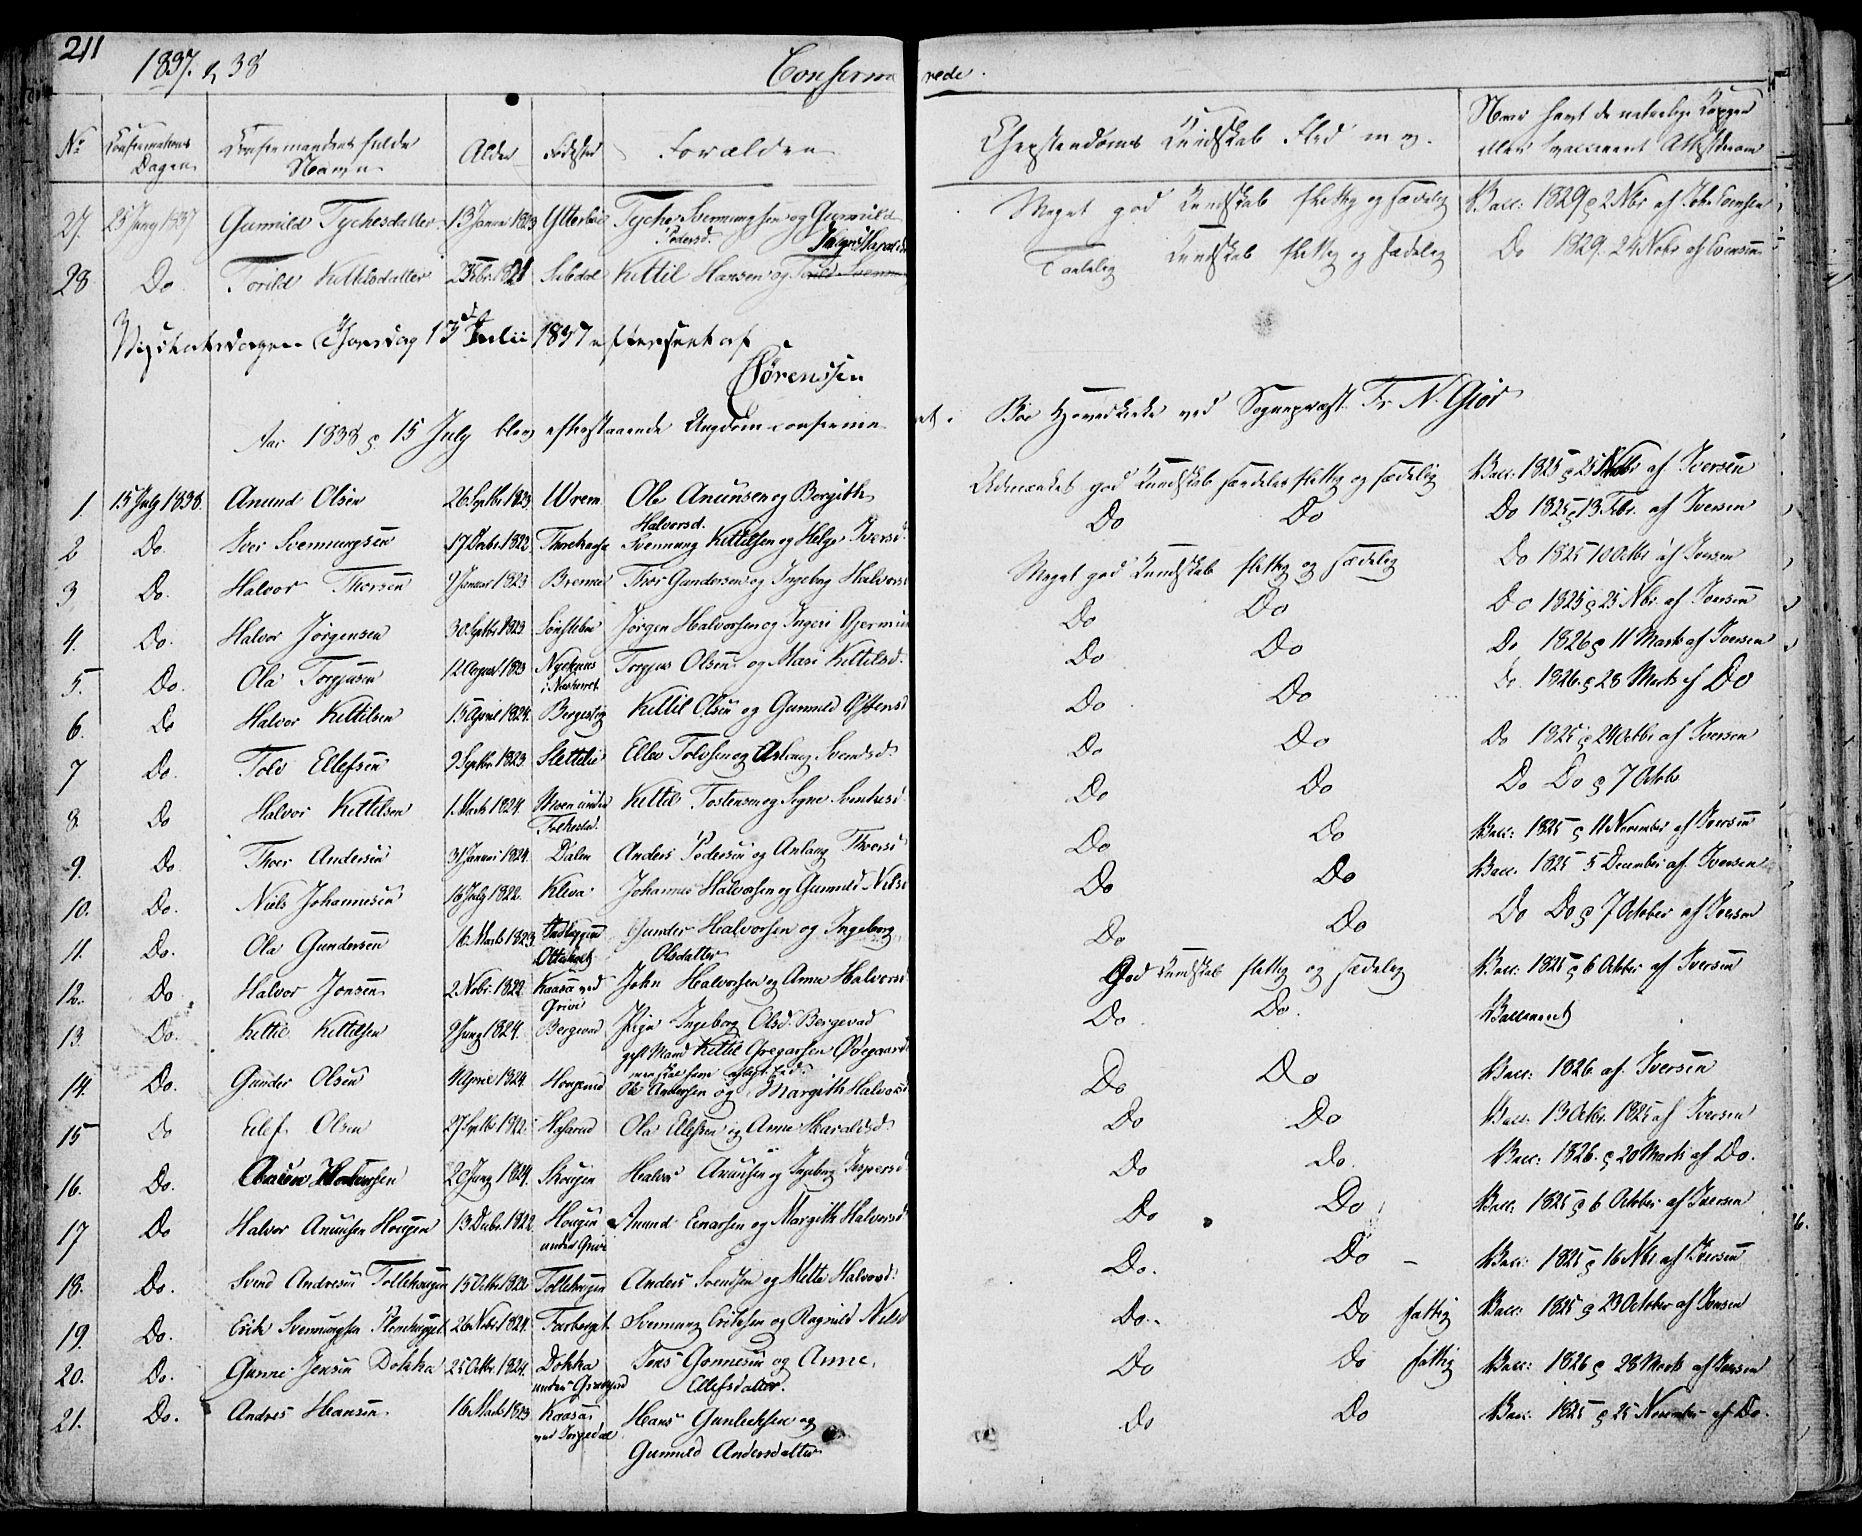 SAKO, Bø kirkebøker, F/Fa/L0007: Ministerialbok nr. 7, 1831-1848, s. 211